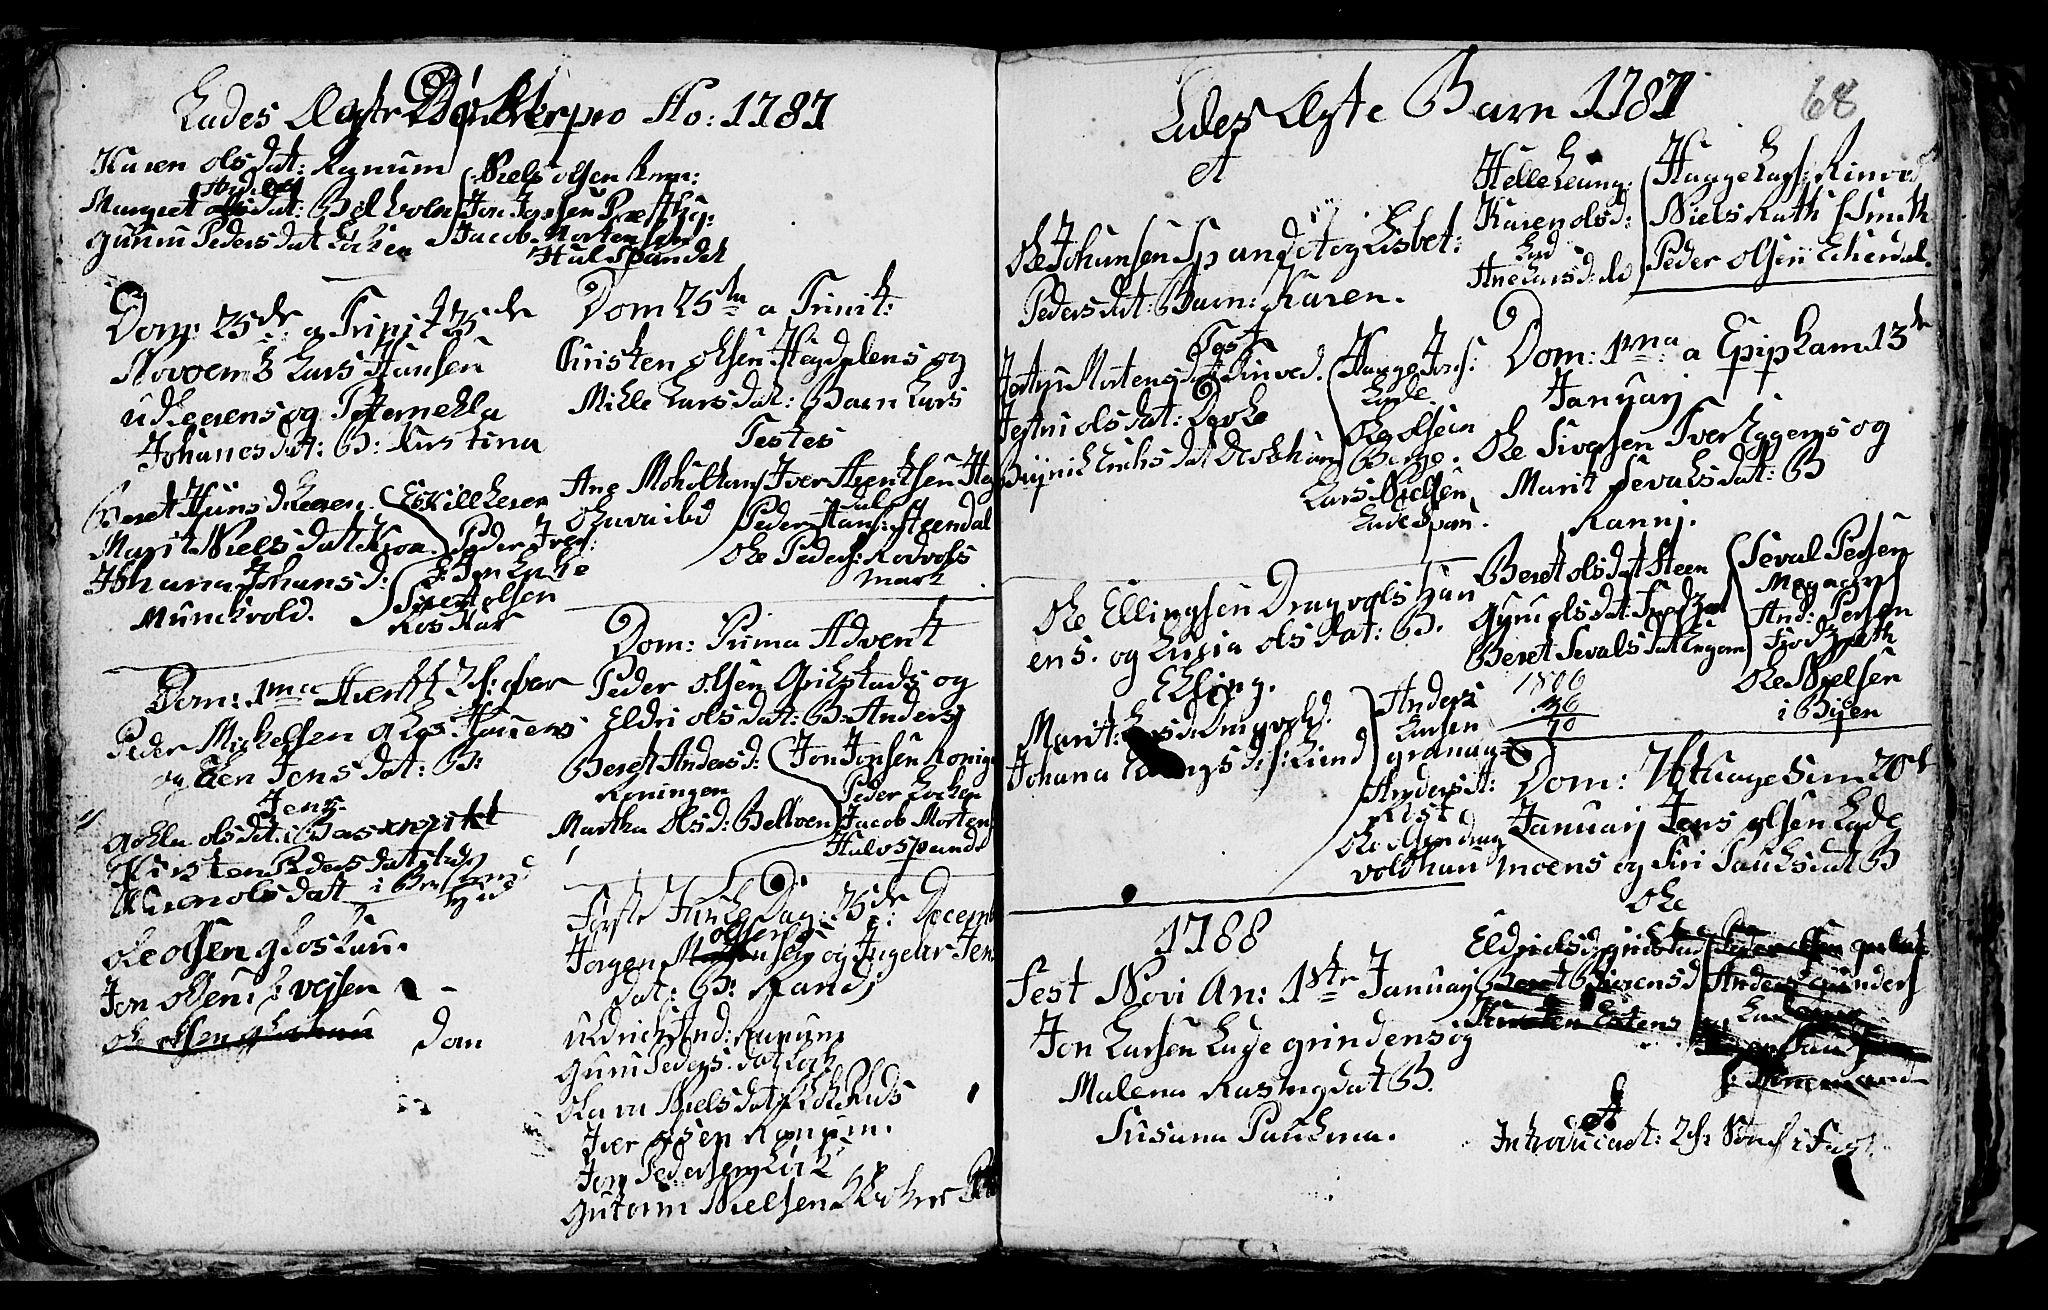 SAT, Ministerialprotokoller, klokkerbøker og fødselsregistre - Sør-Trøndelag, 606/L0305: Klokkerbok nr. 606C01, 1757-1819, s. 68